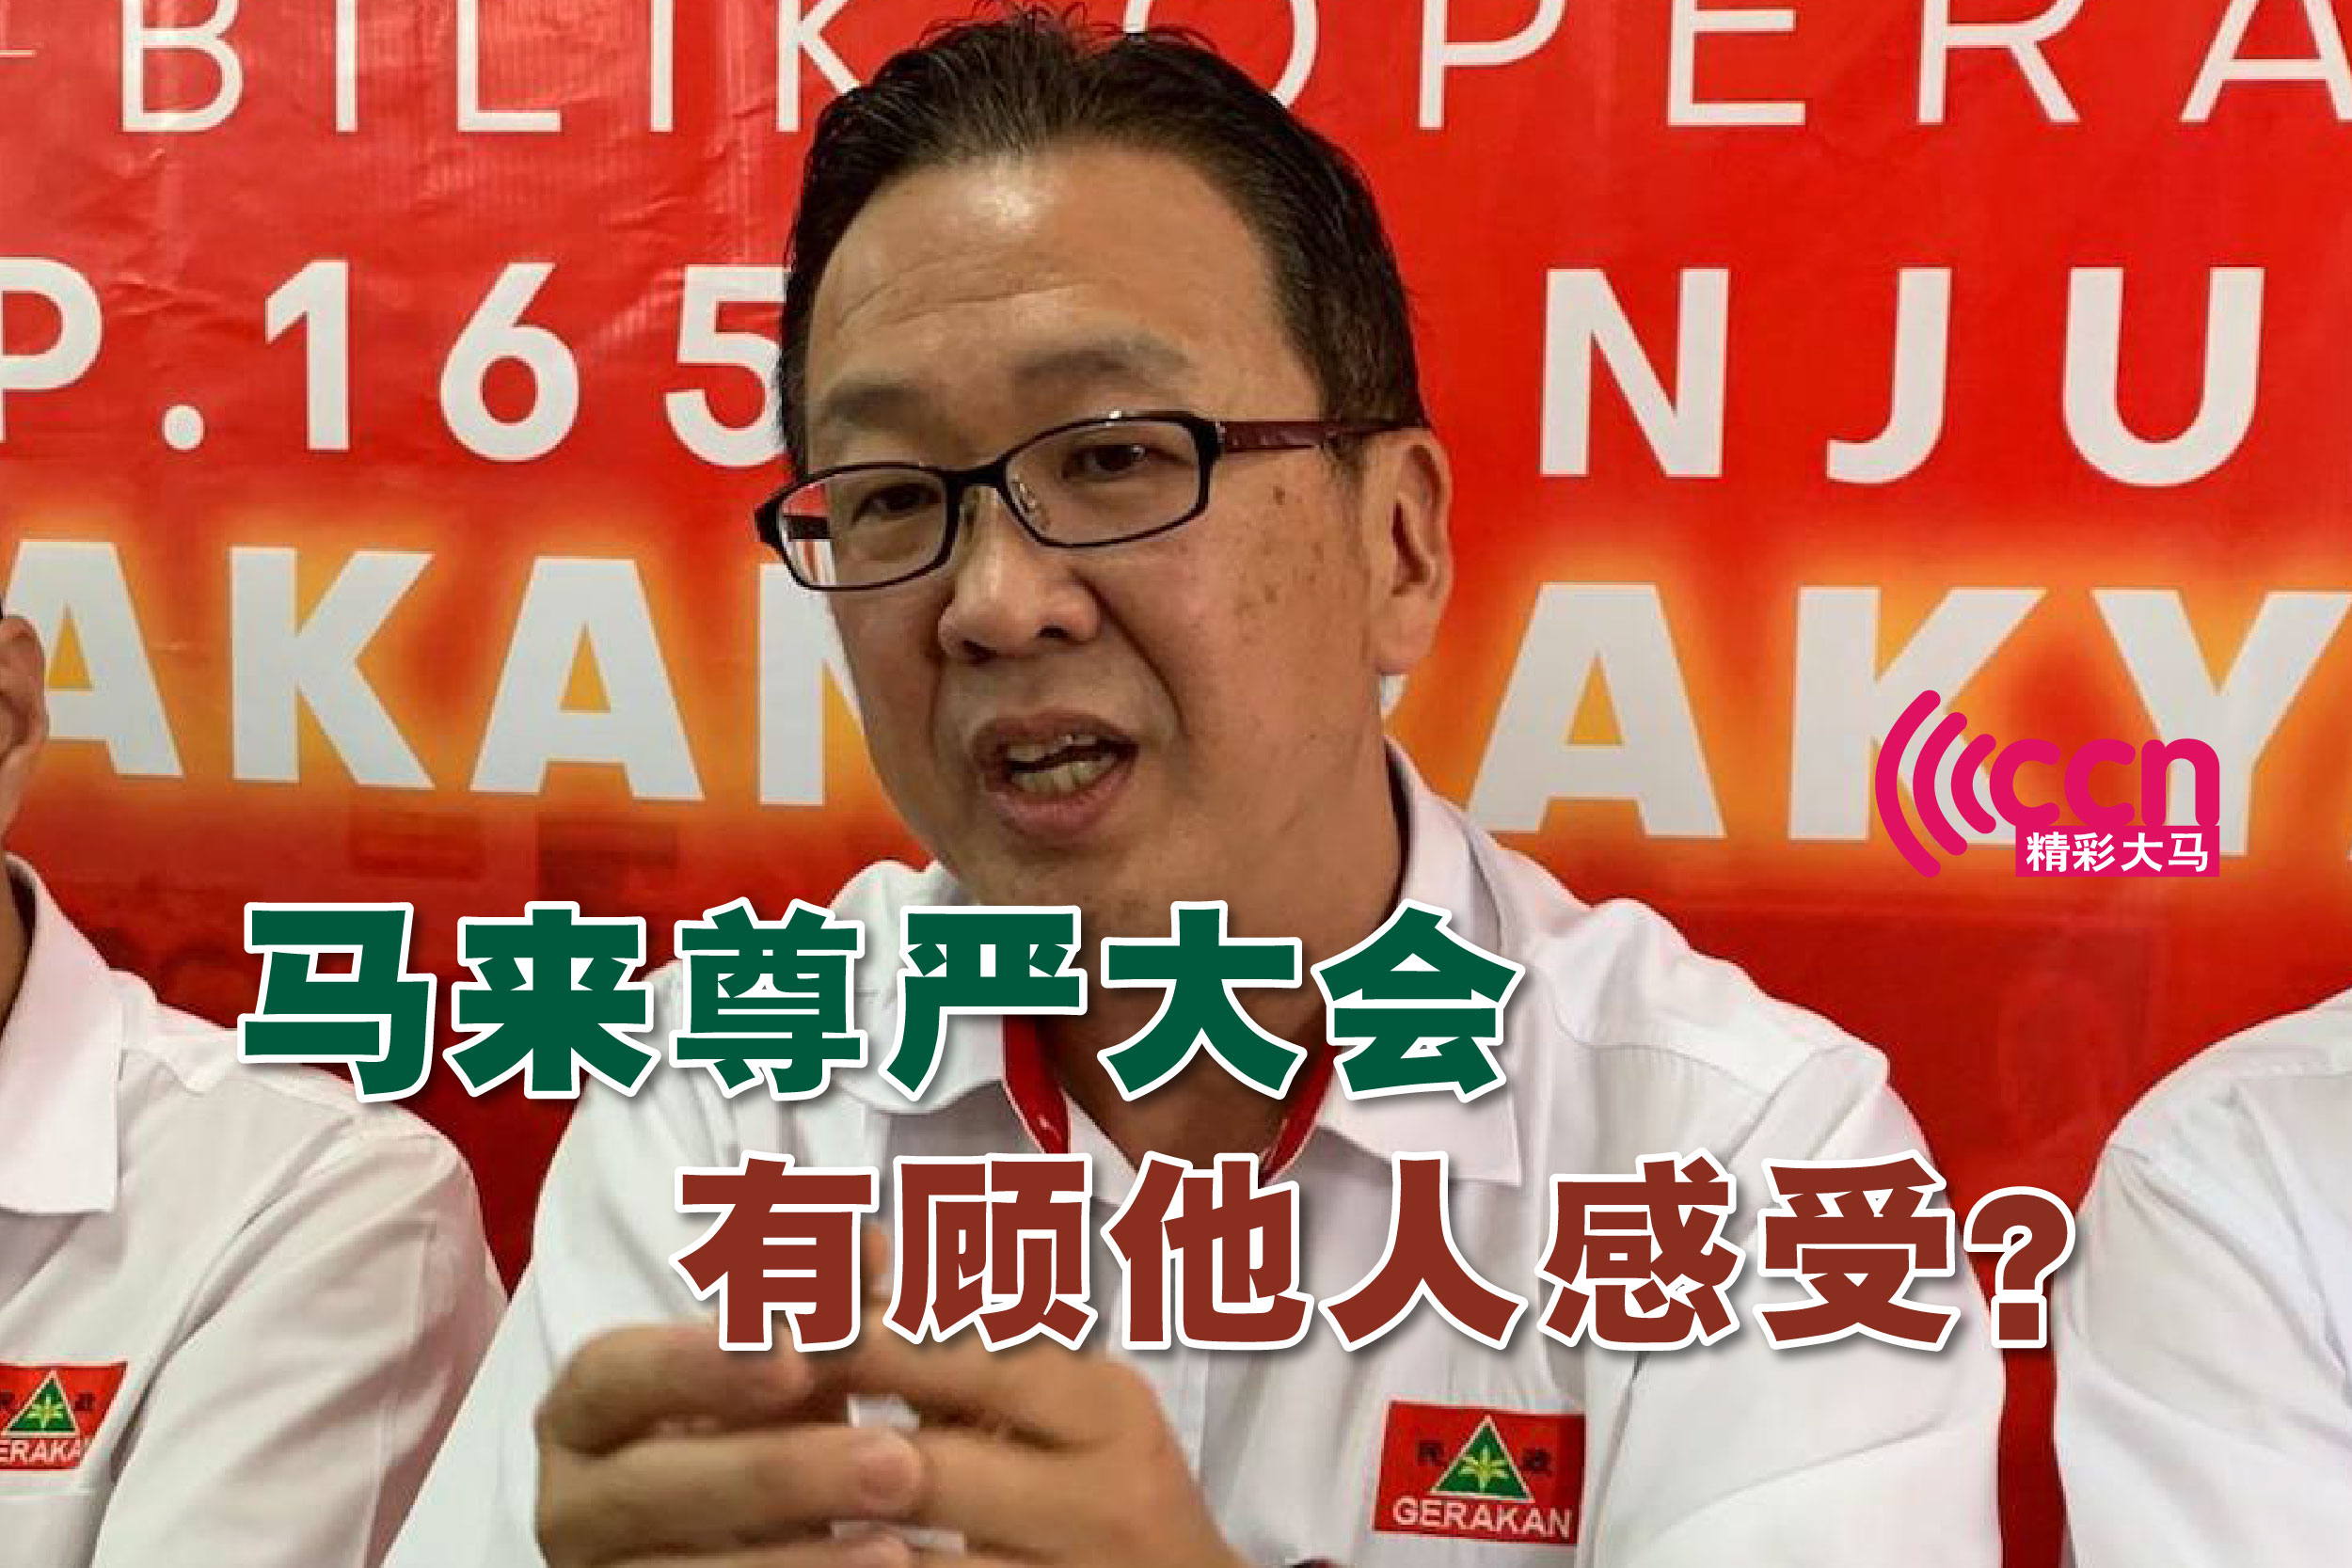 刘华才说,马哈迪早前出席马来尊严大会,何曾顾及他族的感受?-精彩大马-